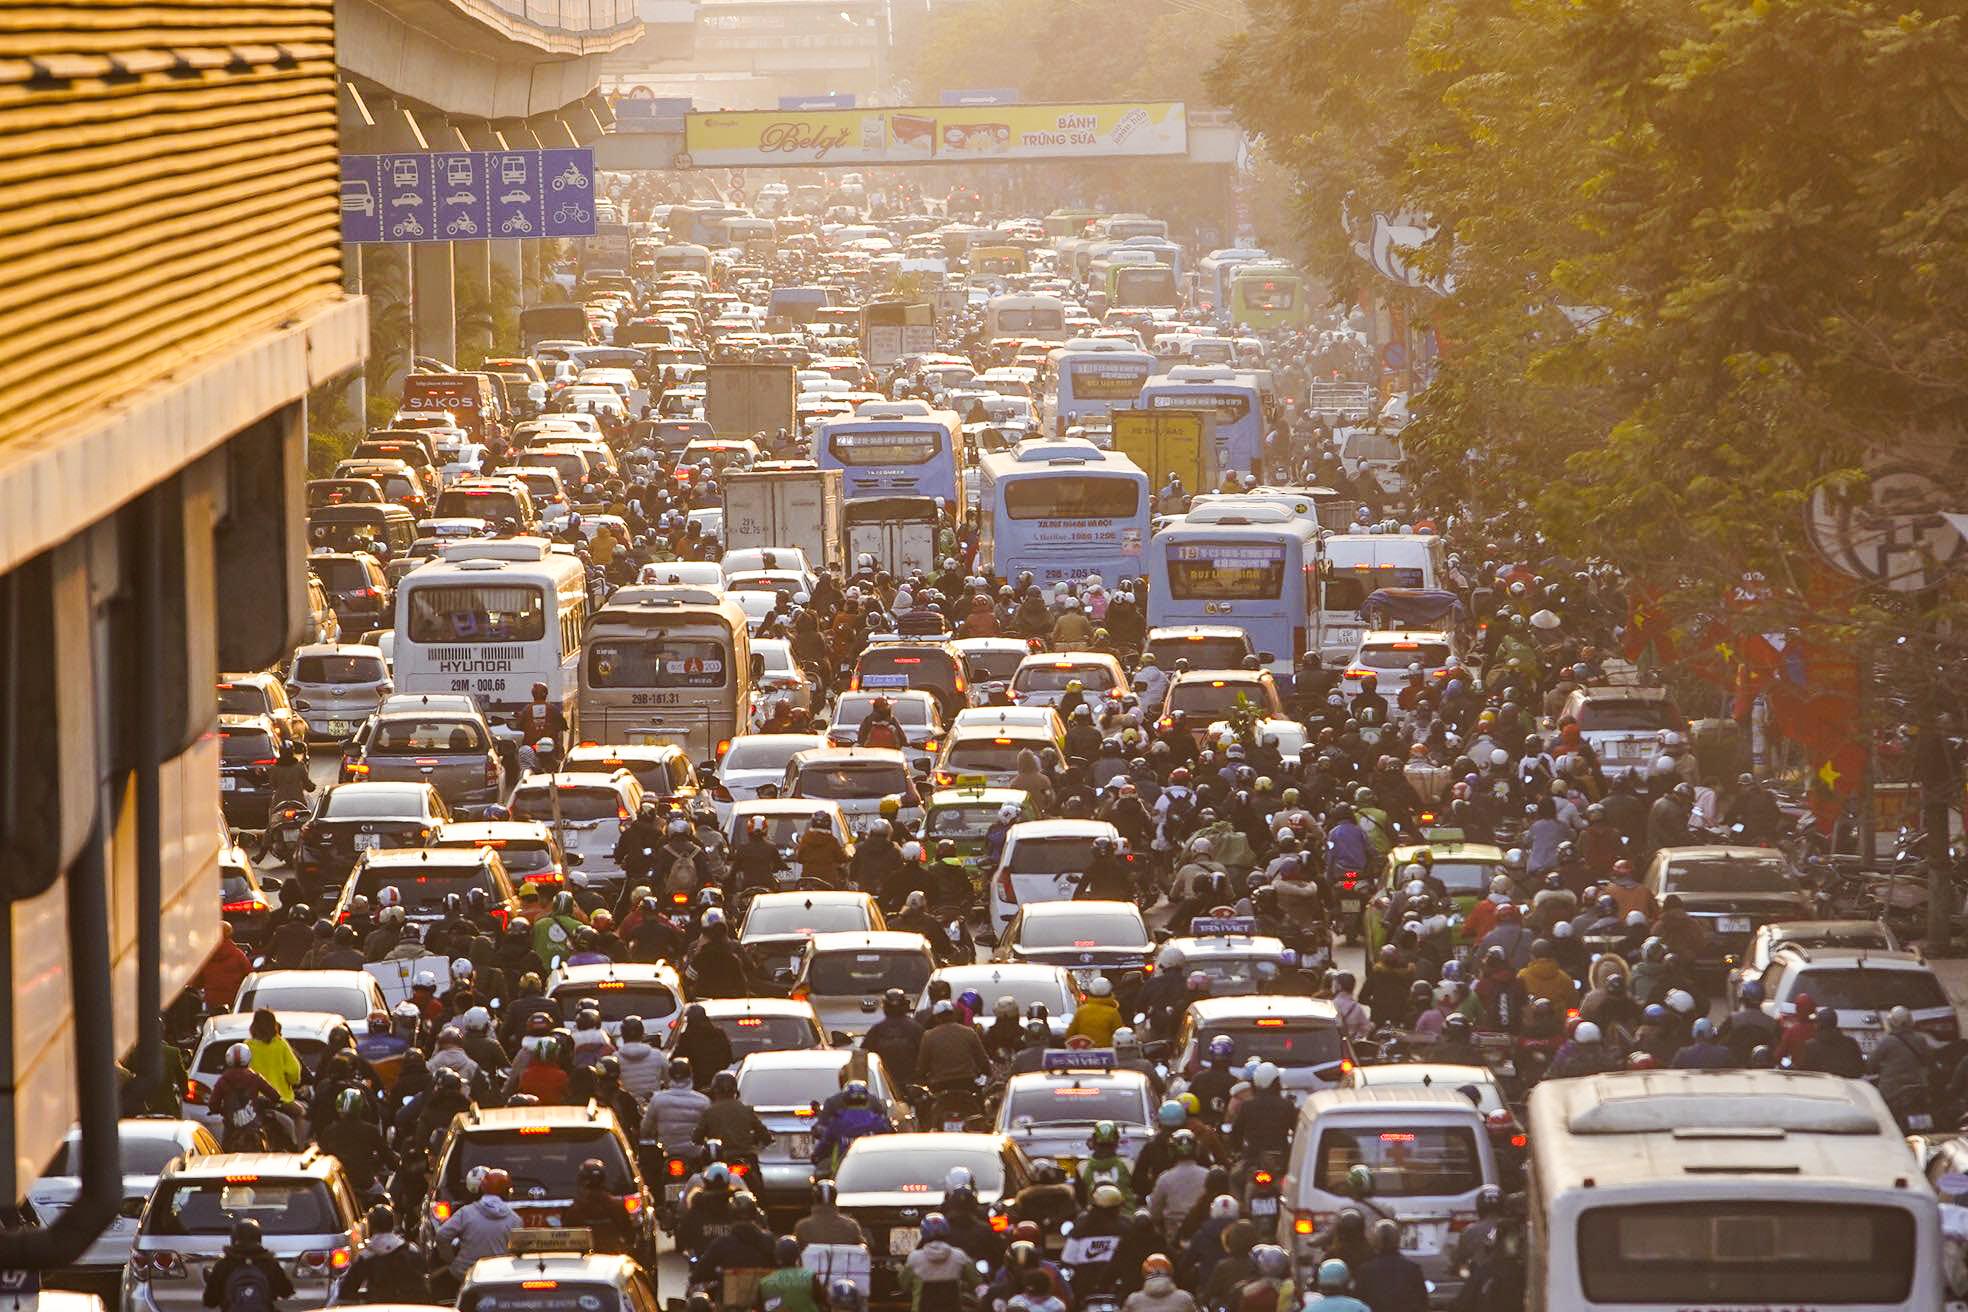 Chùm ảnh đường phố Hà Nội đông kín người từ chiều đến tối ngày cuối năm 2020 - Ảnh 2.